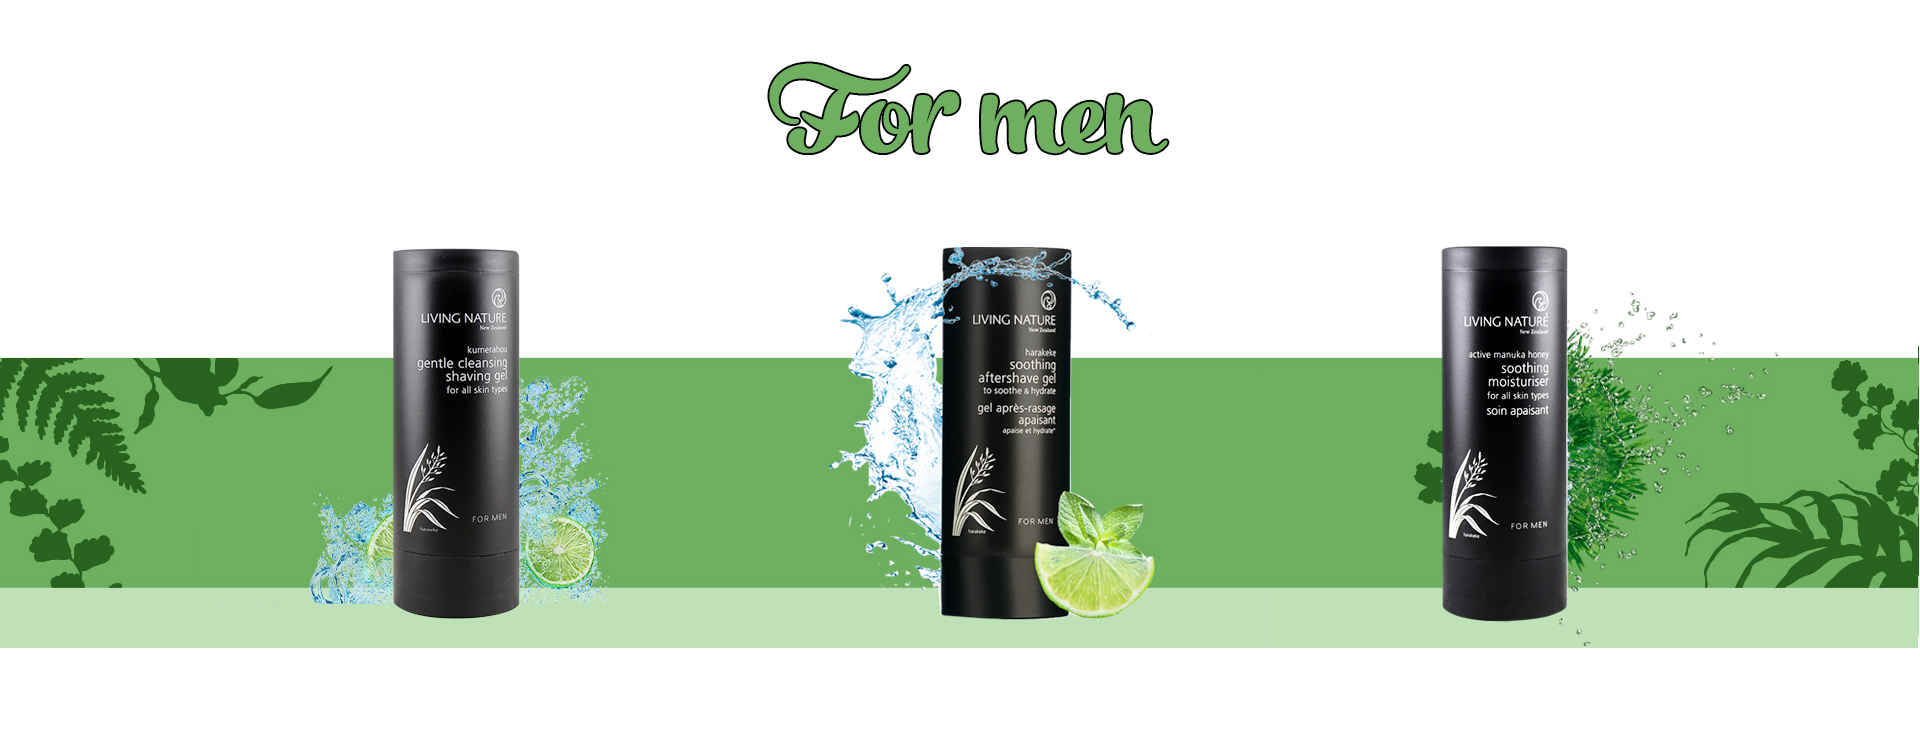 Dòng sản phẩm dành cho nam living nature